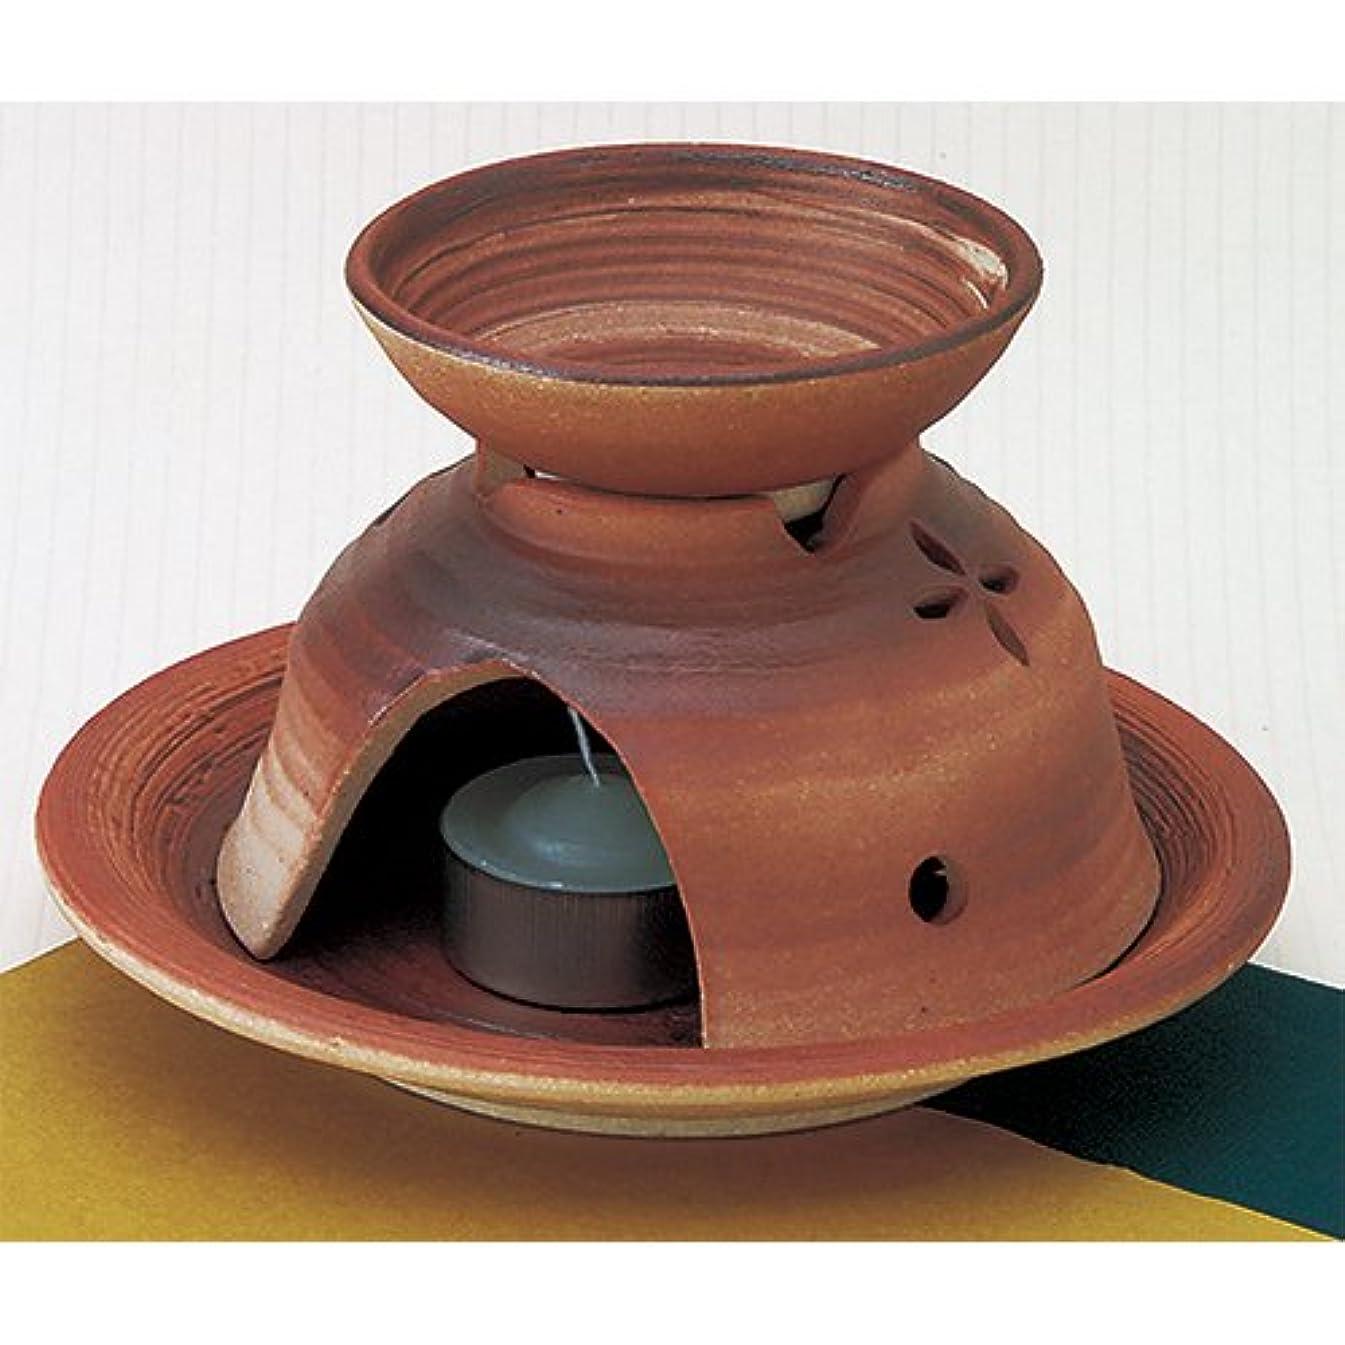 巡礼者葉っぱ素敵な香炉 花抜き 茶香炉 [R15xH9.5cm] HANDMADE プレゼント ギフト 和食器 かわいい インテリア